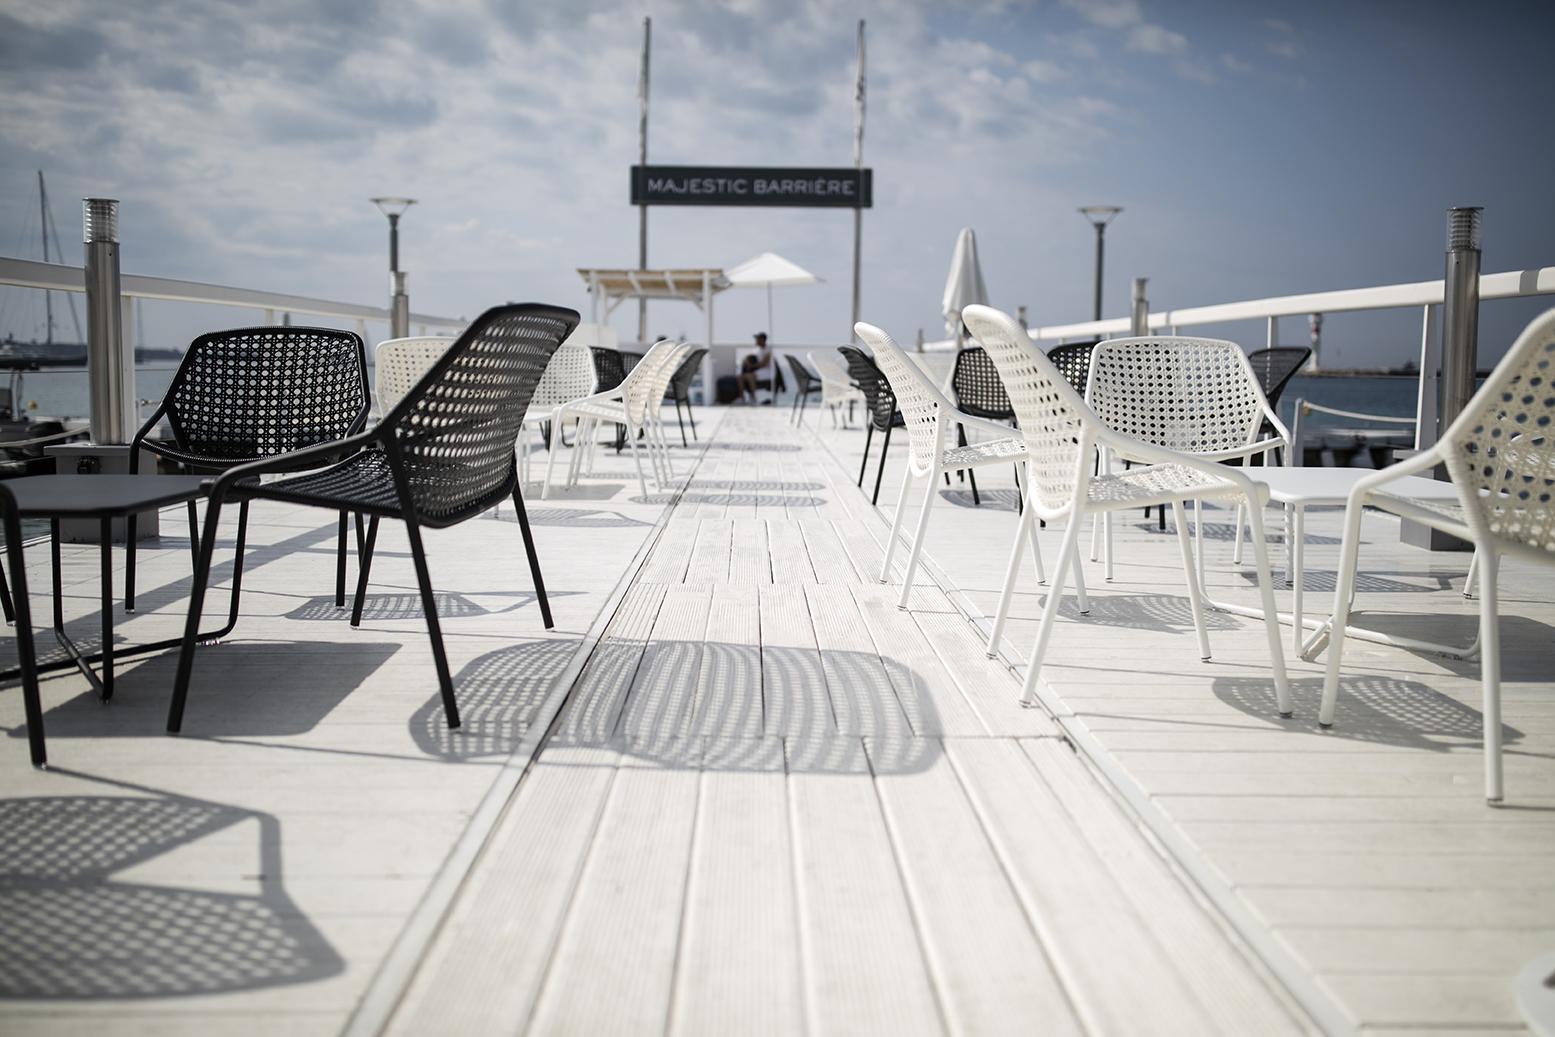 fauteuil de jardin, mobilier terrasse hotel, terrasse hotel, table metal, mobilier fermob